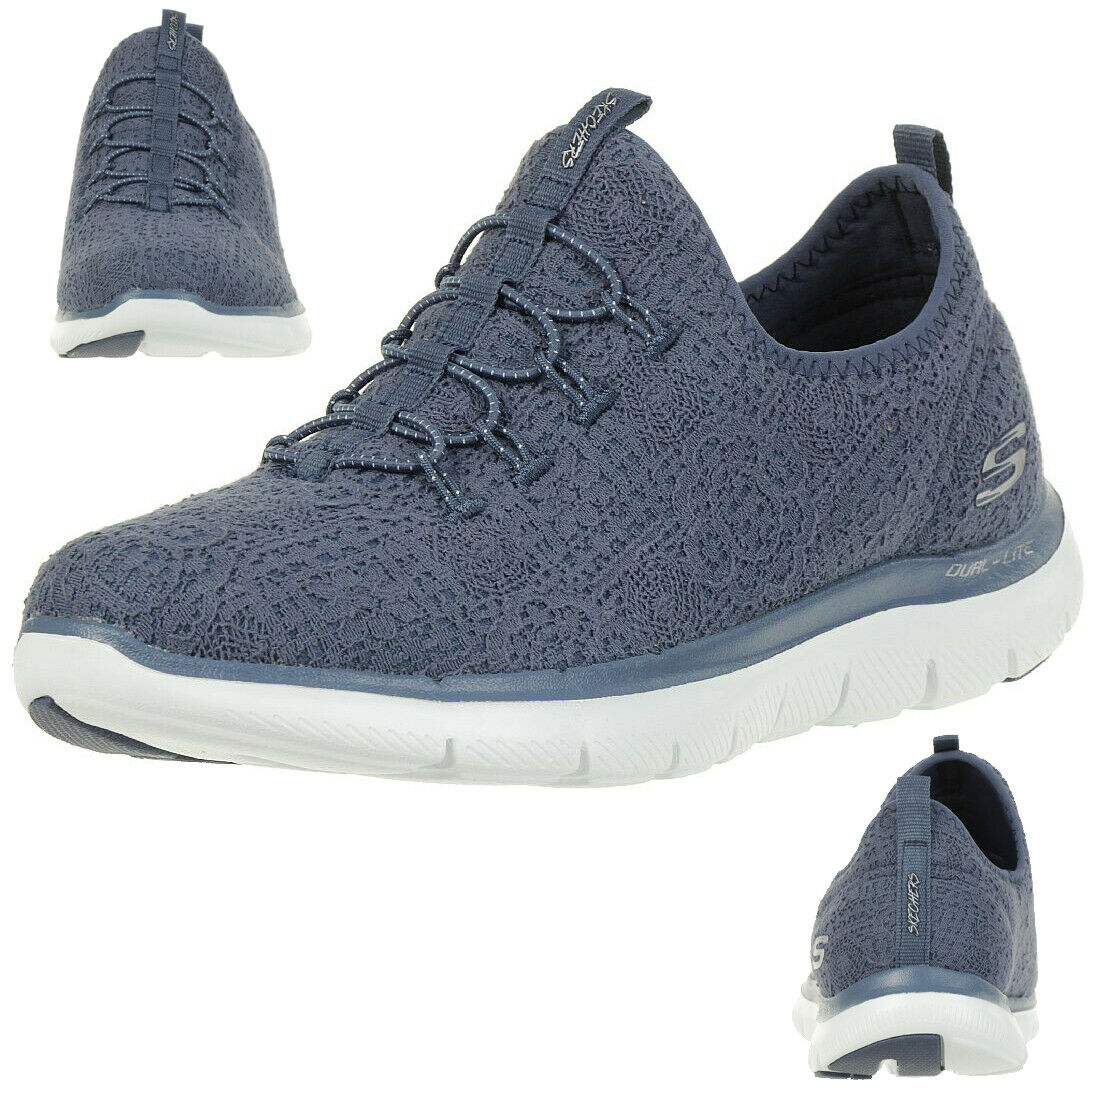 Skechers Flex Appeal 2.0 Clear Cut Wouomo scarpe da ginnastica Slip on Memory Foam blu